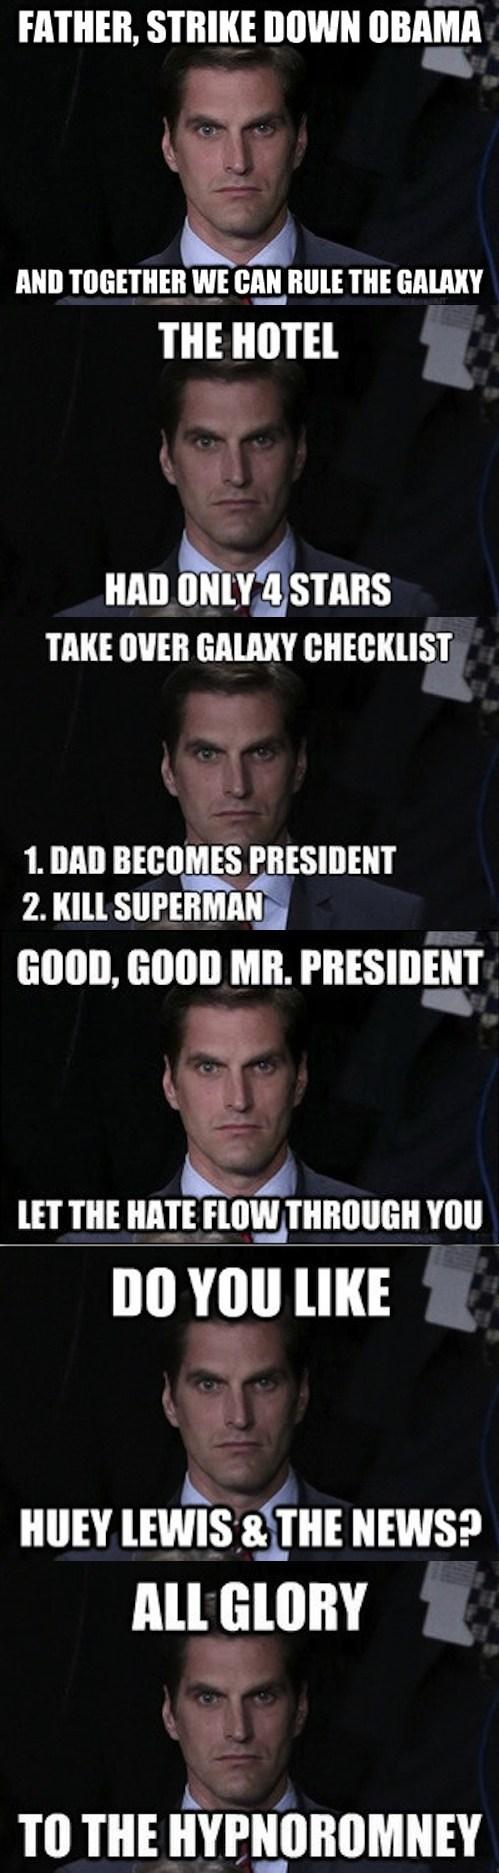 More Menacing Josh Romney